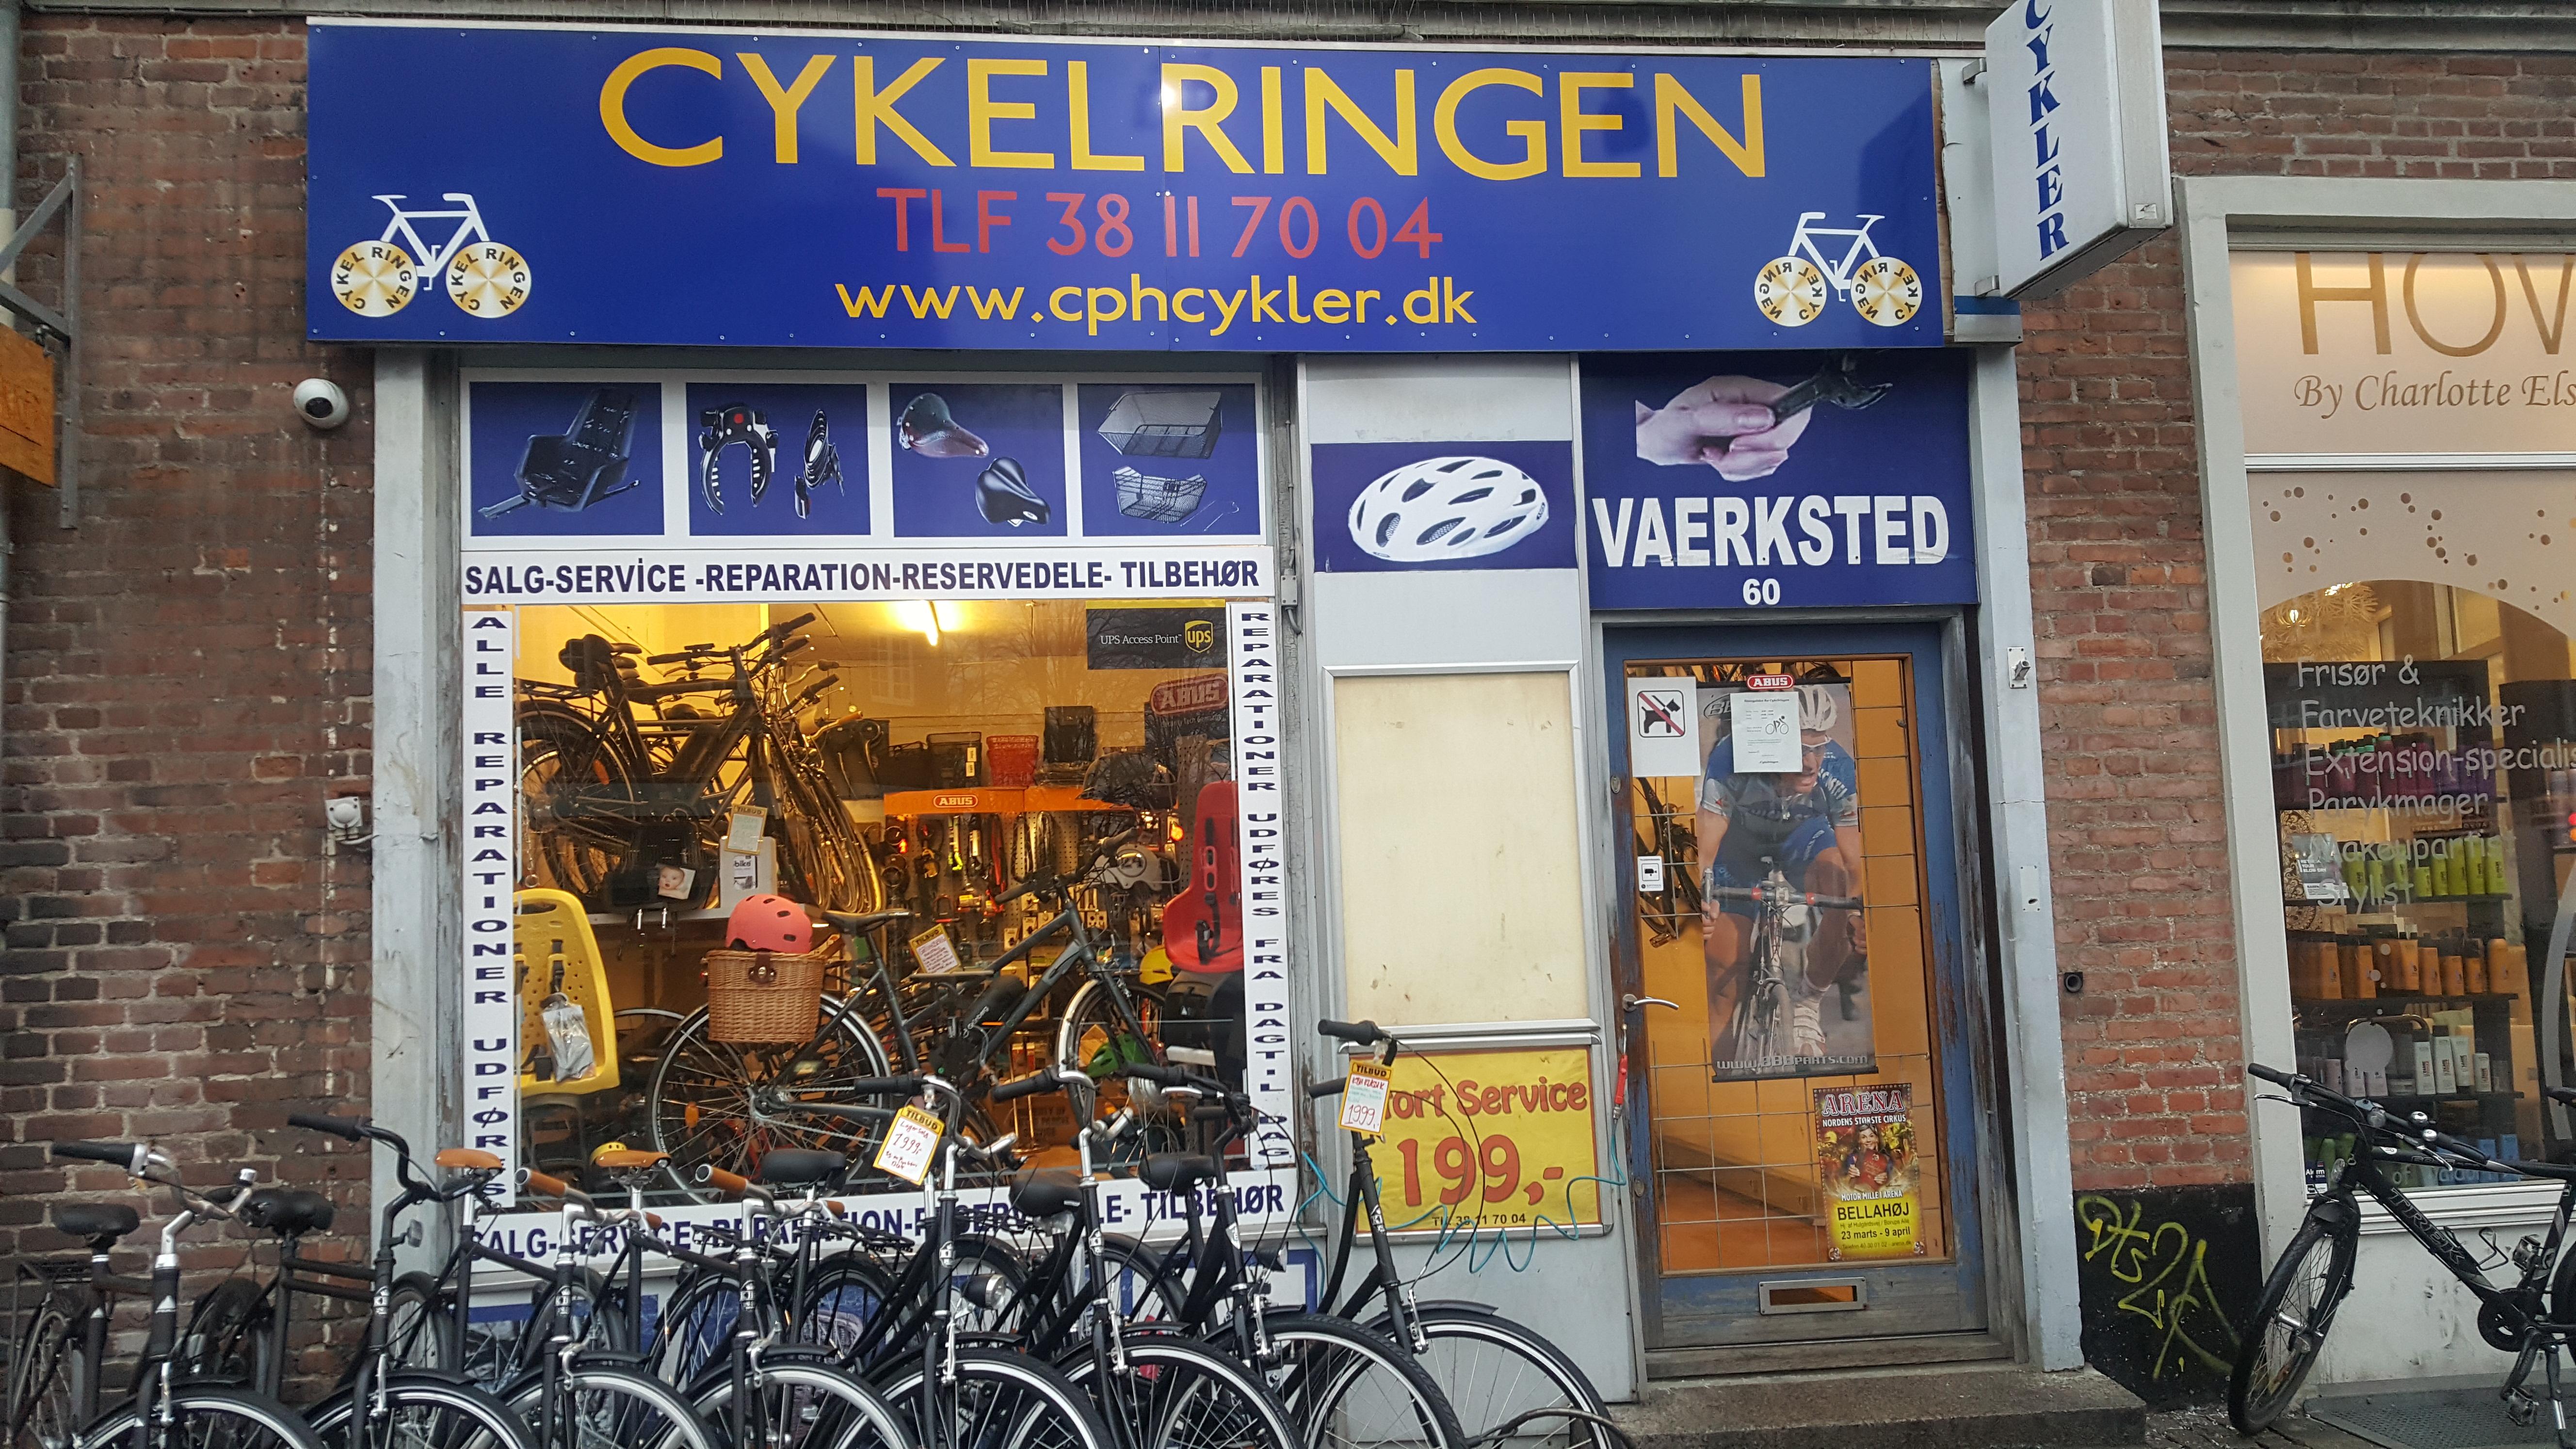 Cykelringen - Værksted - Peter bangs vej - København